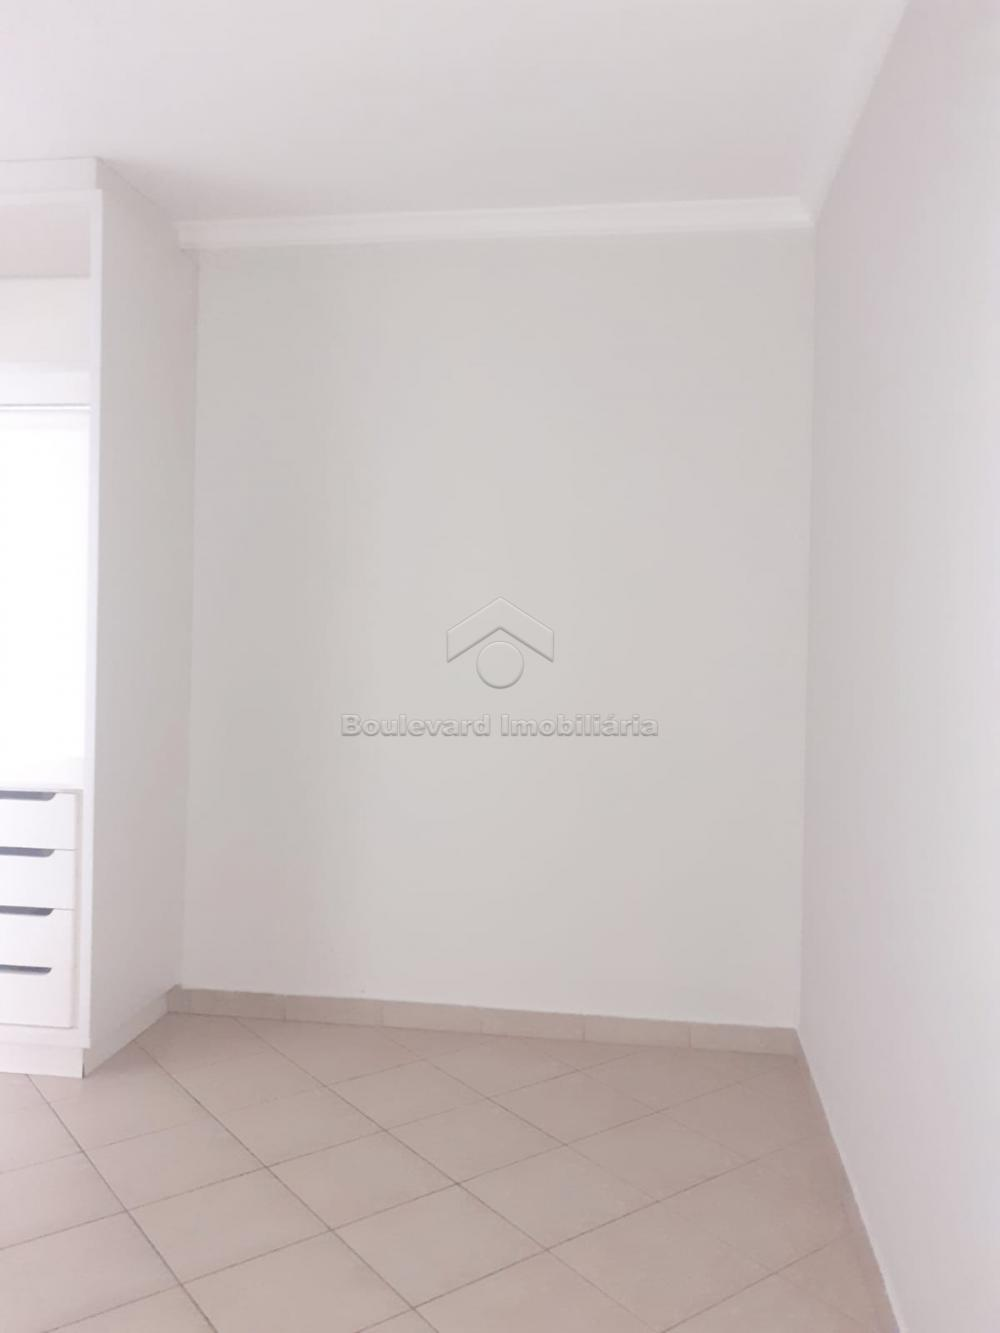 Alugar Apartamento / Padrão em Ribeirão Preto R$ 680,00 - Foto 6